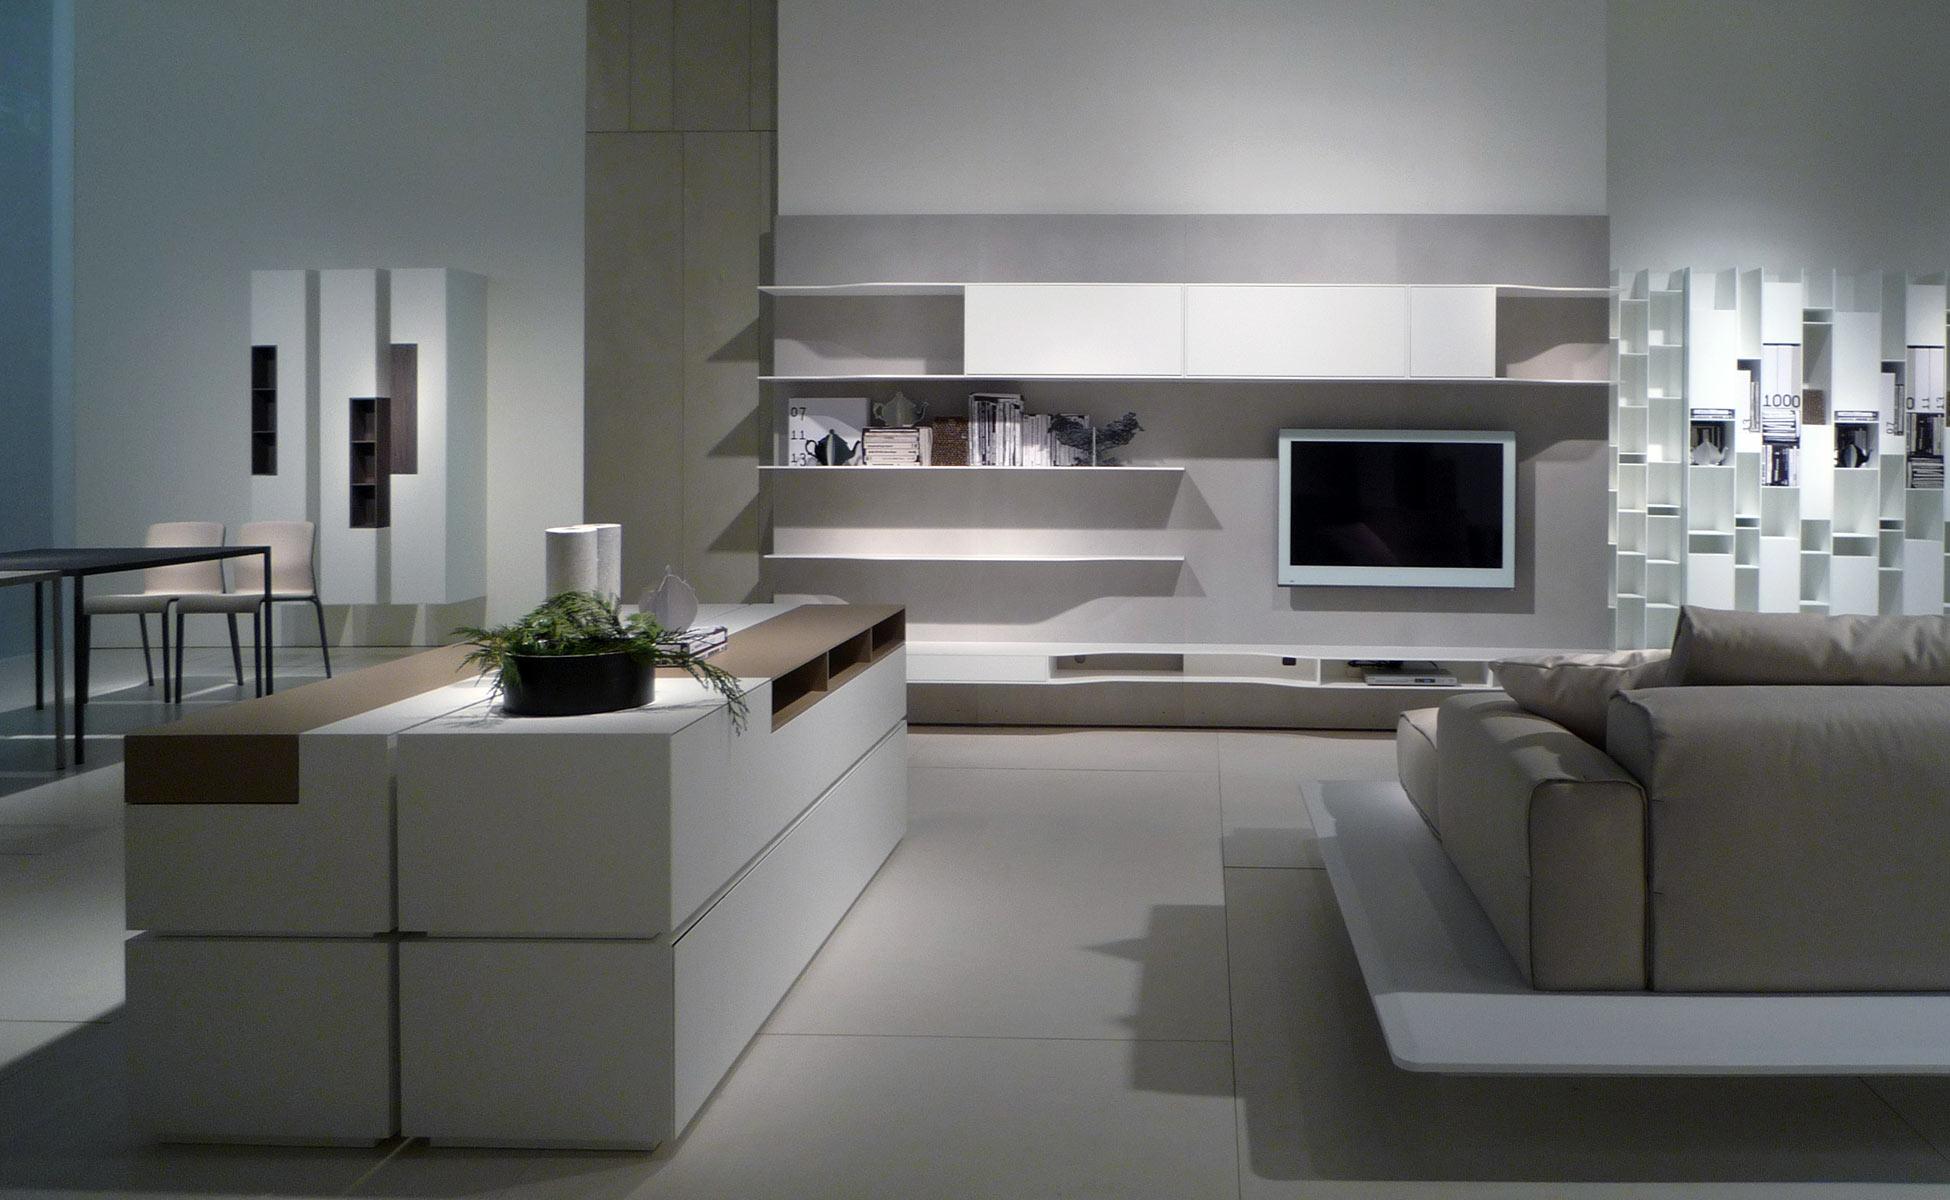 mdf italia m bel berlin steidten einrichten mit architekturintelligenz. Black Bedroom Furniture Sets. Home Design Ideas